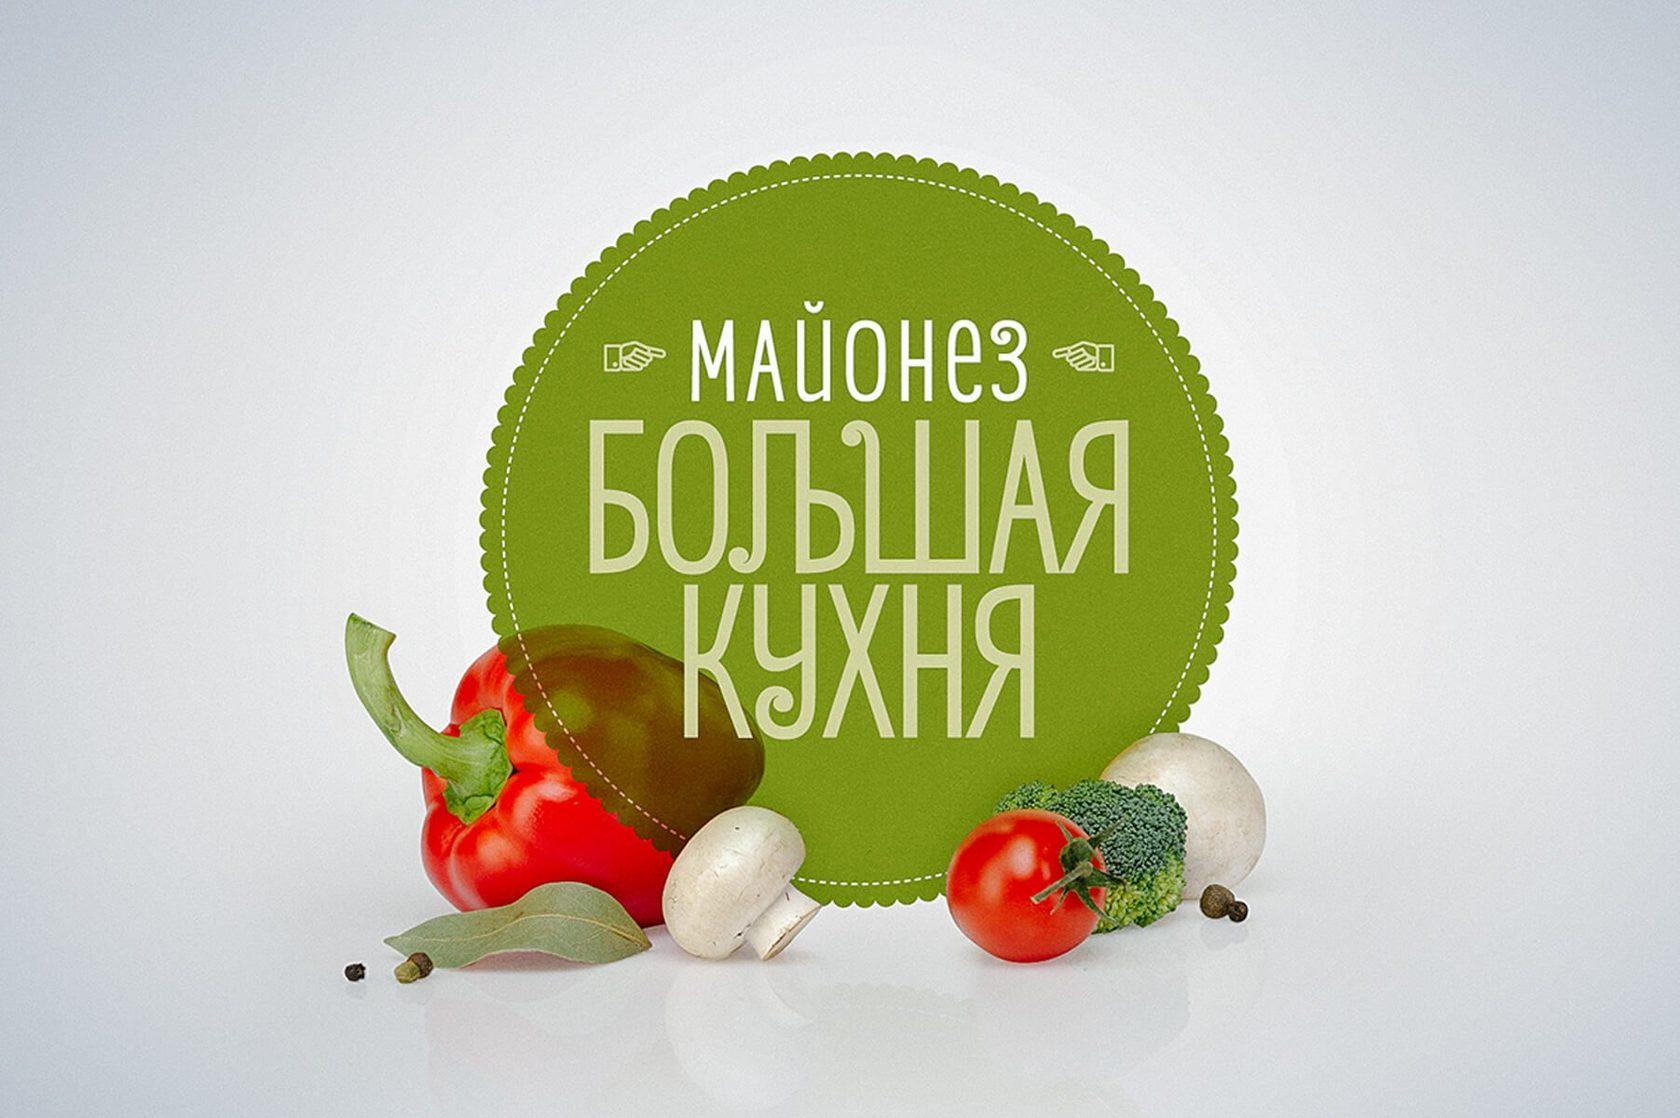 майонез Большая кухня